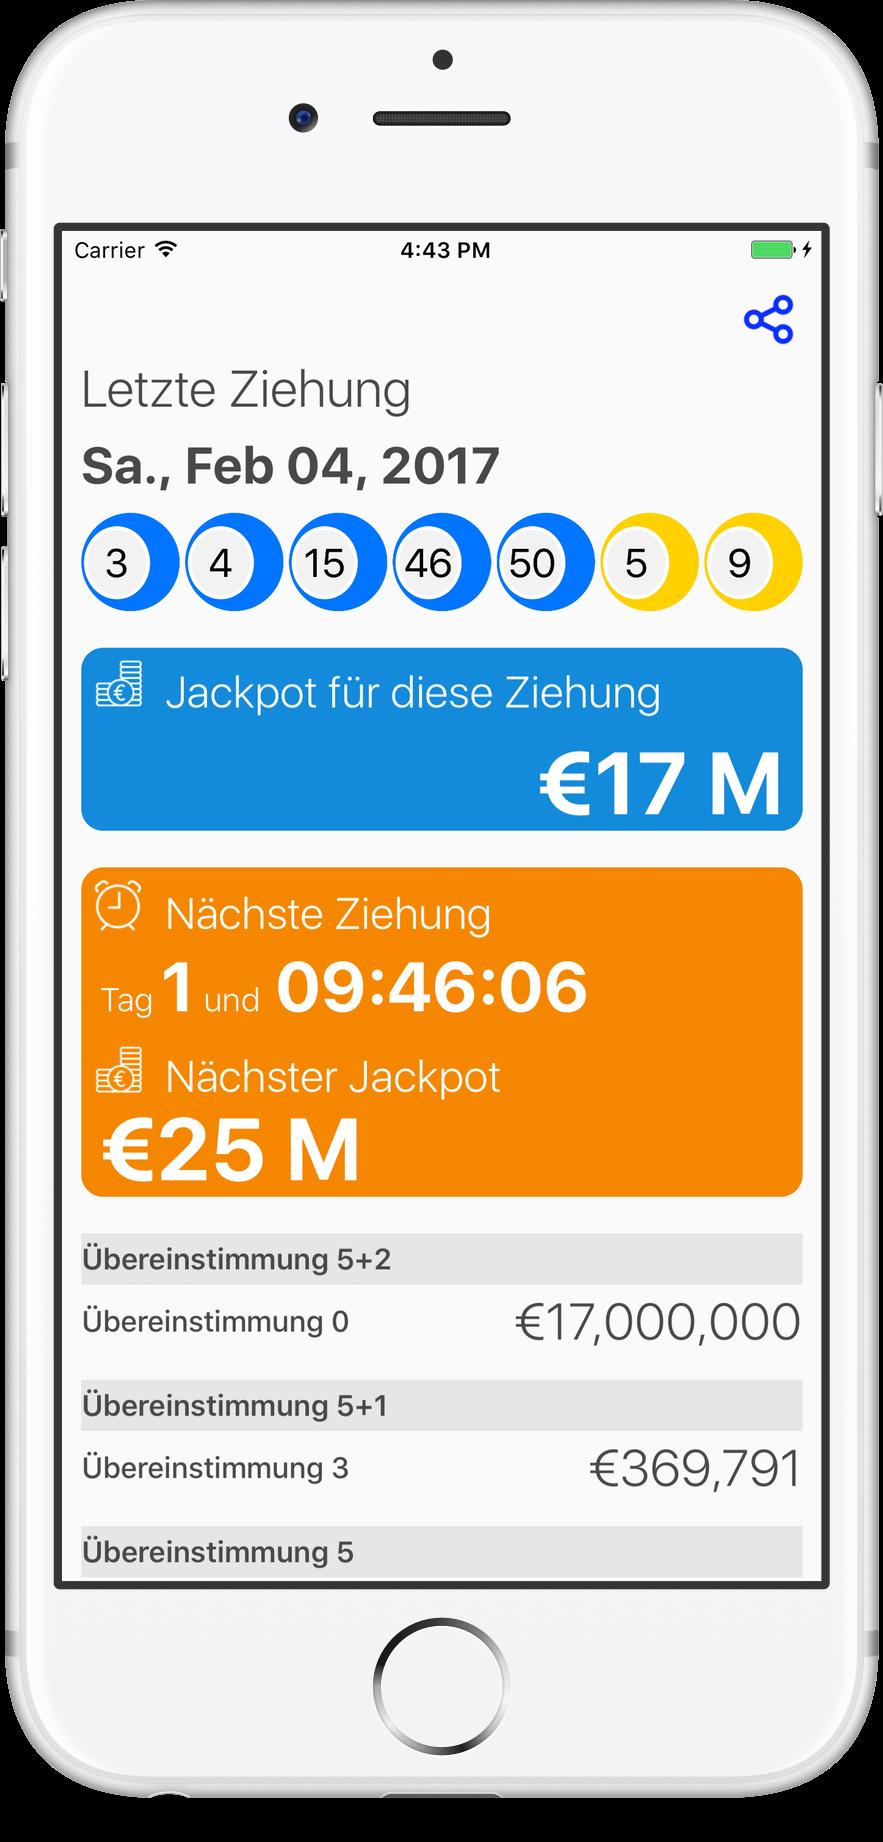 Lottozahlen überprüfen App